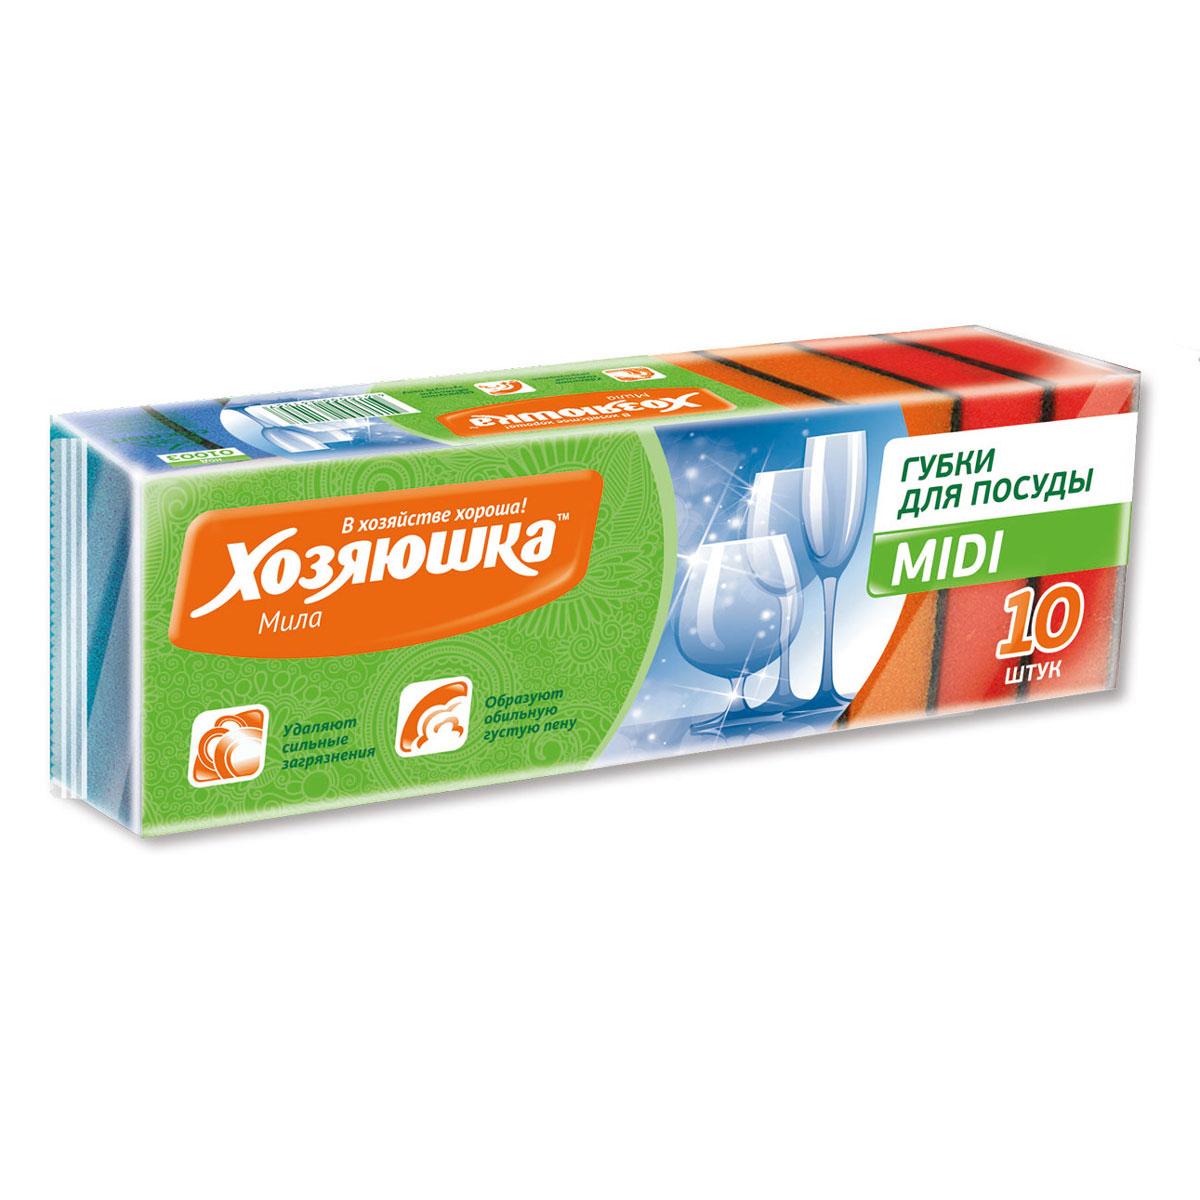 Набор губок для мытья посуды Хозяюшка Мила Midi, 10 шт35589Набор Хозяюшка Мила Midi состоит из трех губок для мытья посуды, изготовленных из абразивного полимера и поролона. Они подходят для тефлоновых поверхностей, долговечны. Губки Хозяюшка Мила Midi обладают высокой прочностью и химической стойкостью. Размер губки: 8,5 х 5 х 2,5 см.